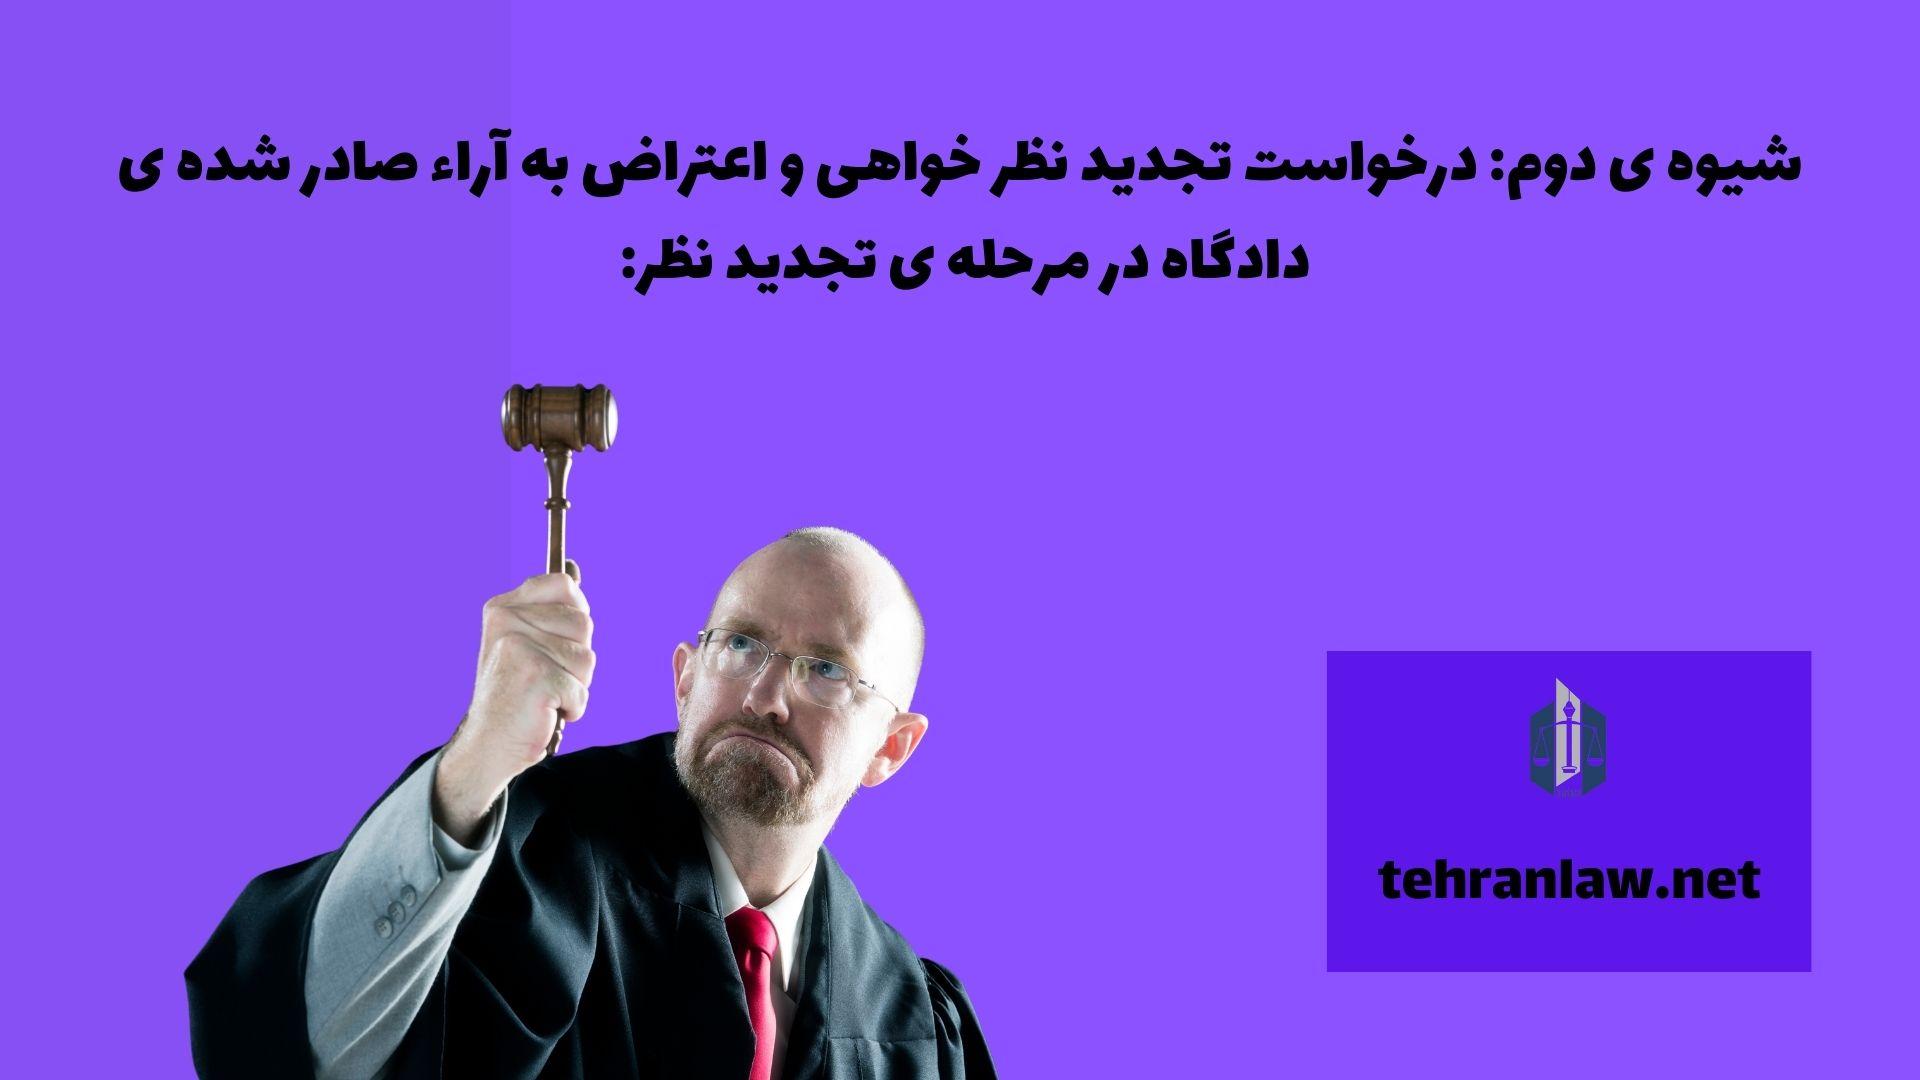 شیوه ی دوم: درخواست تجدید نظرخواهی و اعتراض به آراء صادر شده ی دادگاه در مرحله ی تجدید نظر: